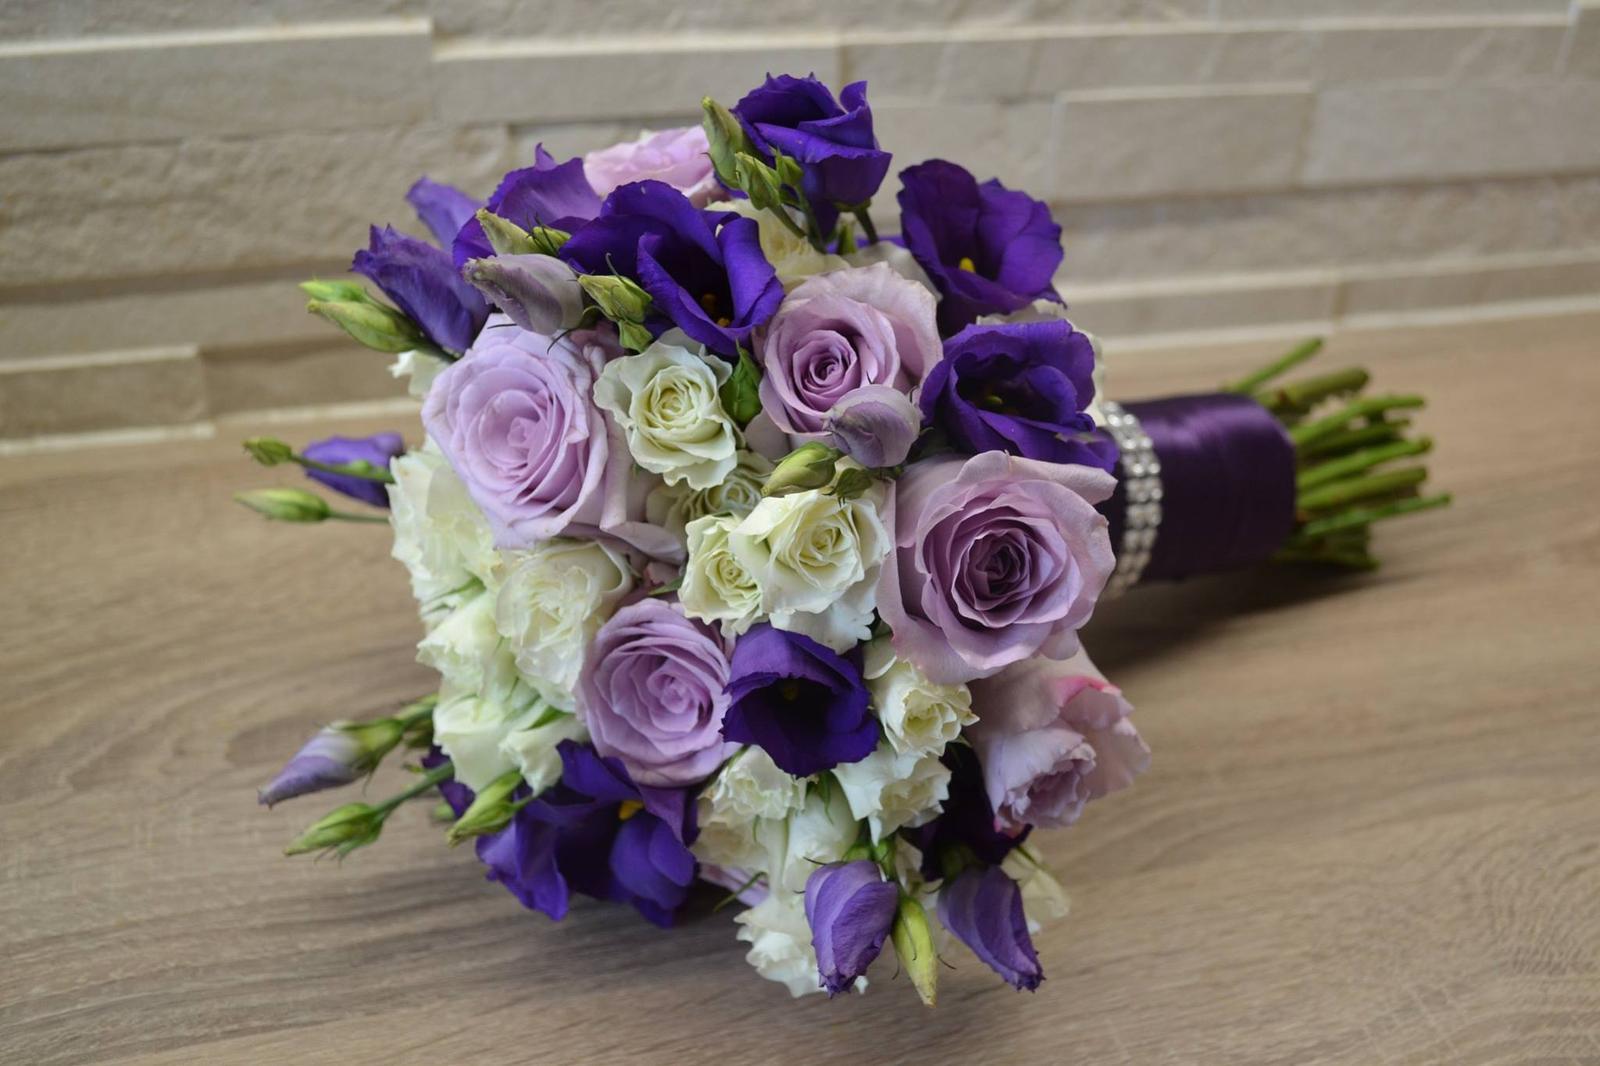 Nejkrásnější svatba - Svatební kytice do hotelu Atlantis Brno